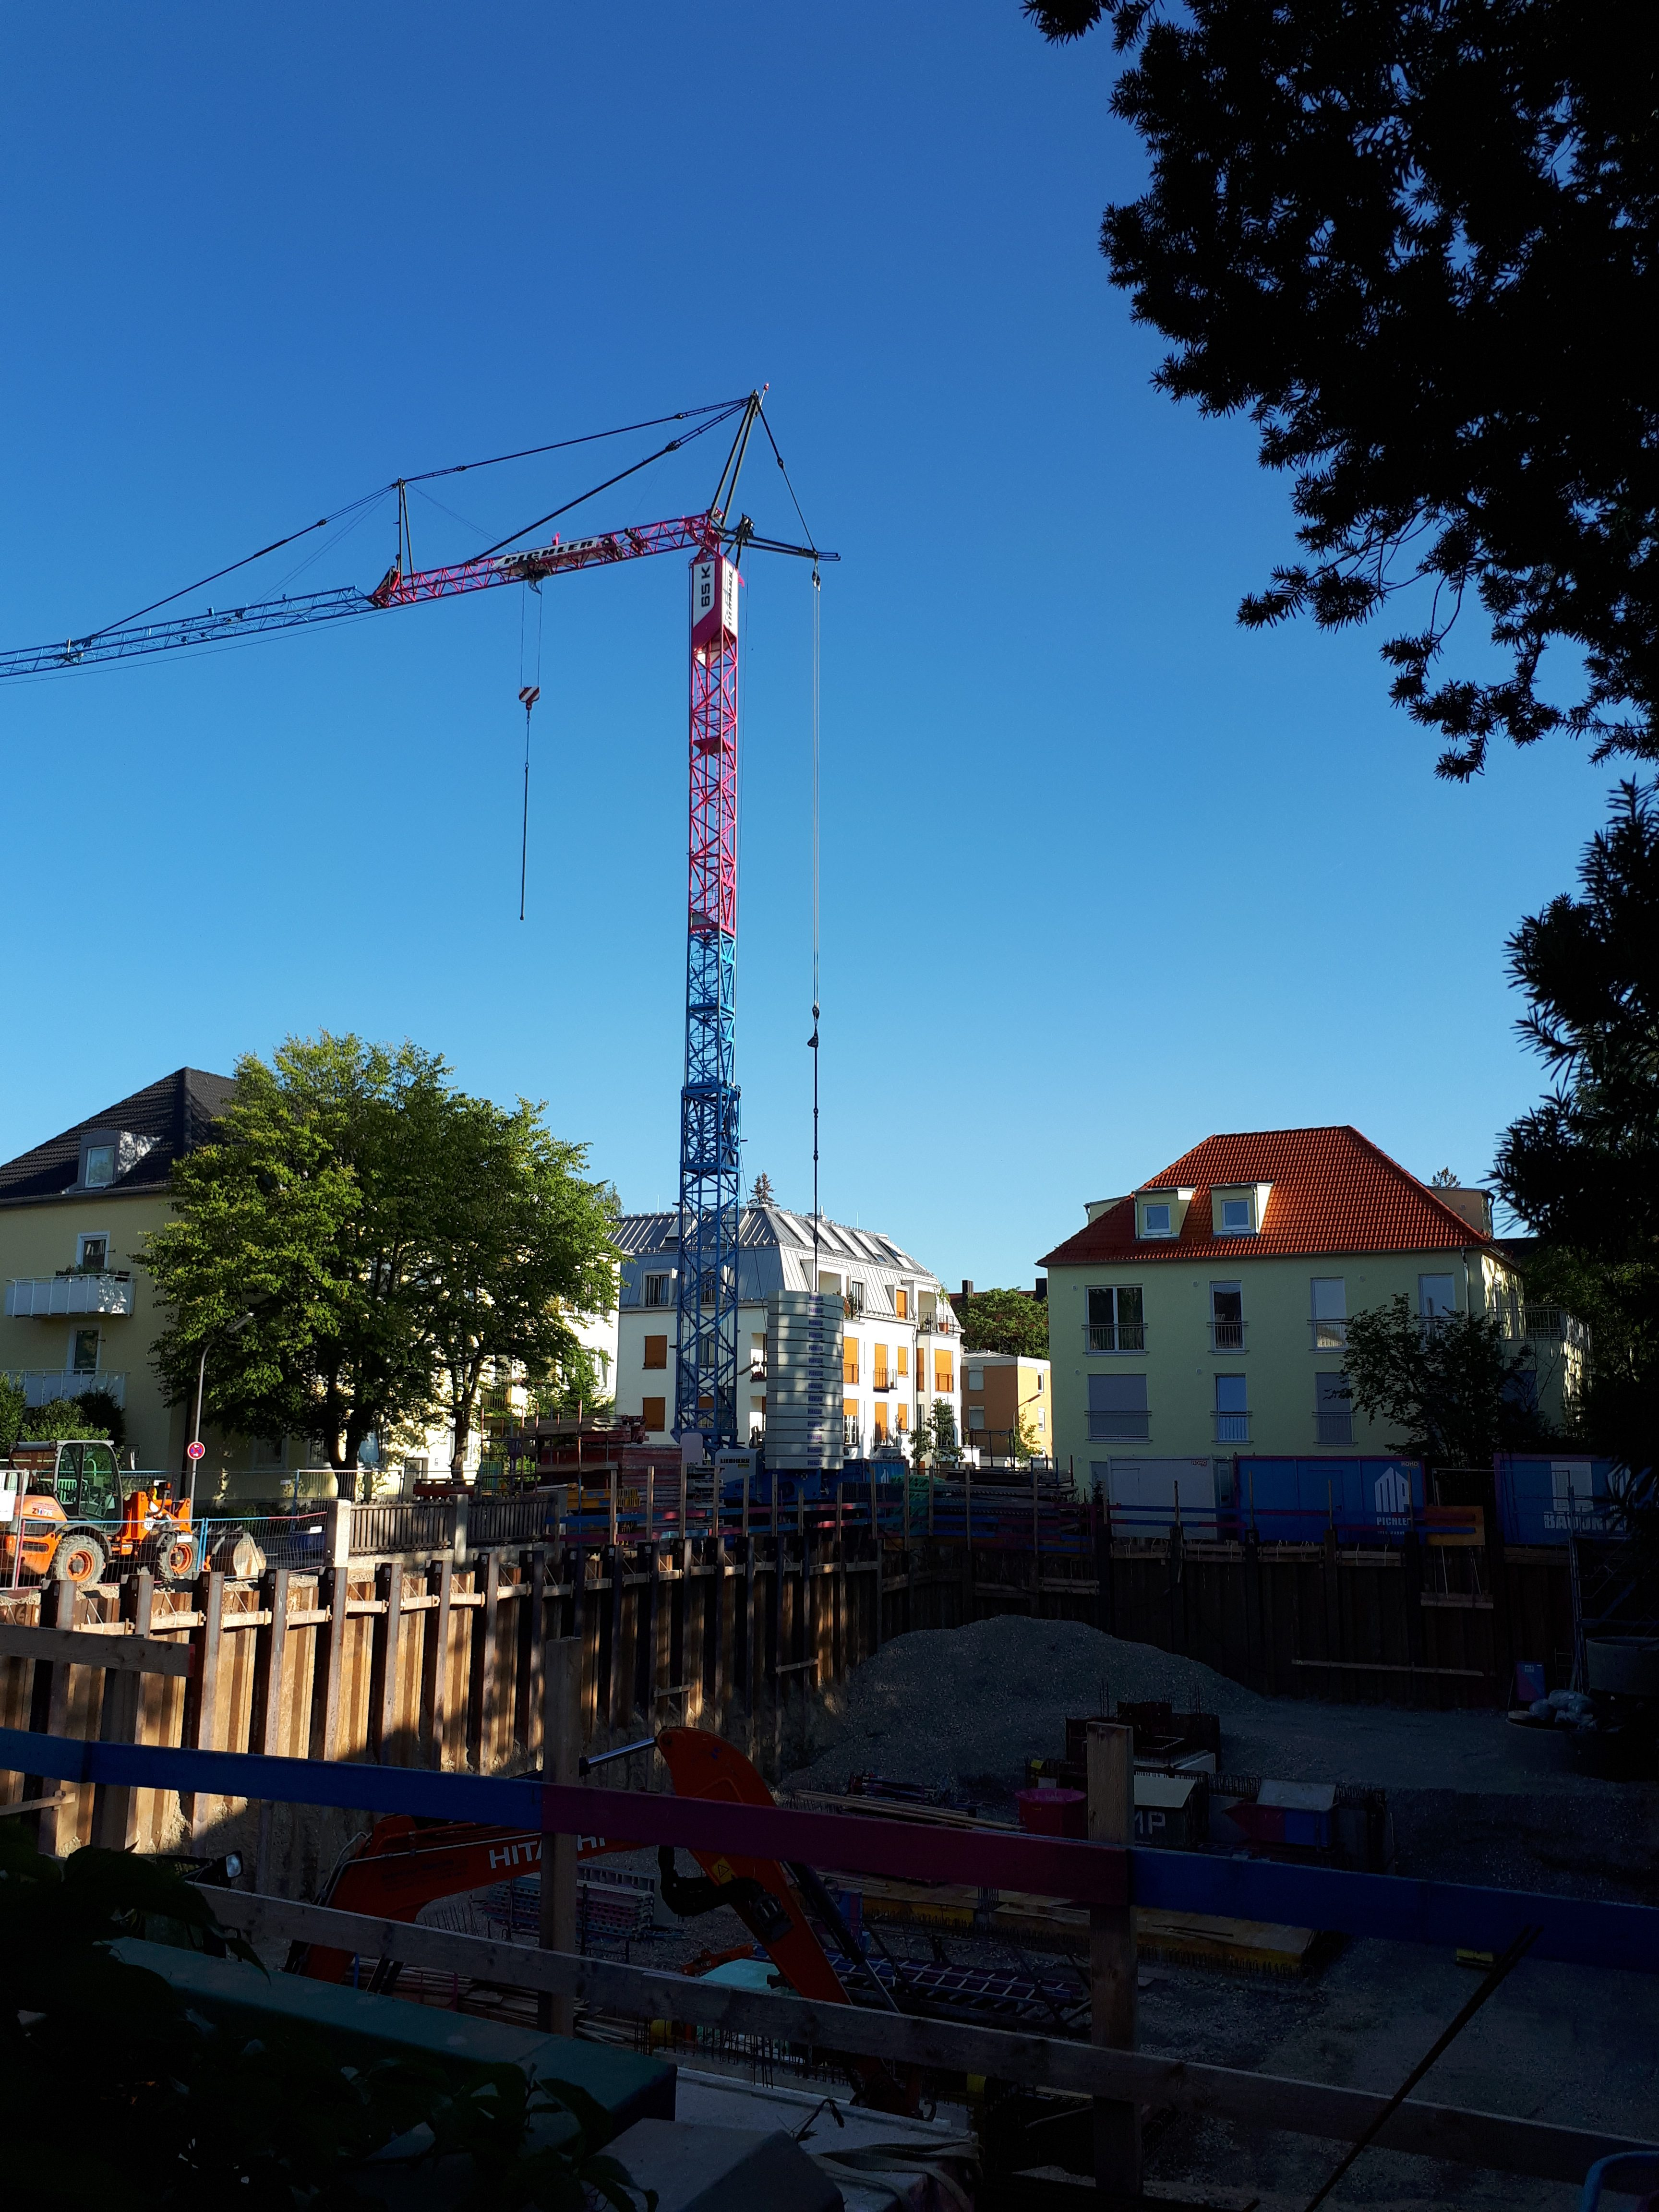 Nachbar Bauvorhaben Rechtsanwalt In Leipzig Für Baurecht Verwaltungsrecht Vertragsrecht Zivilrecht